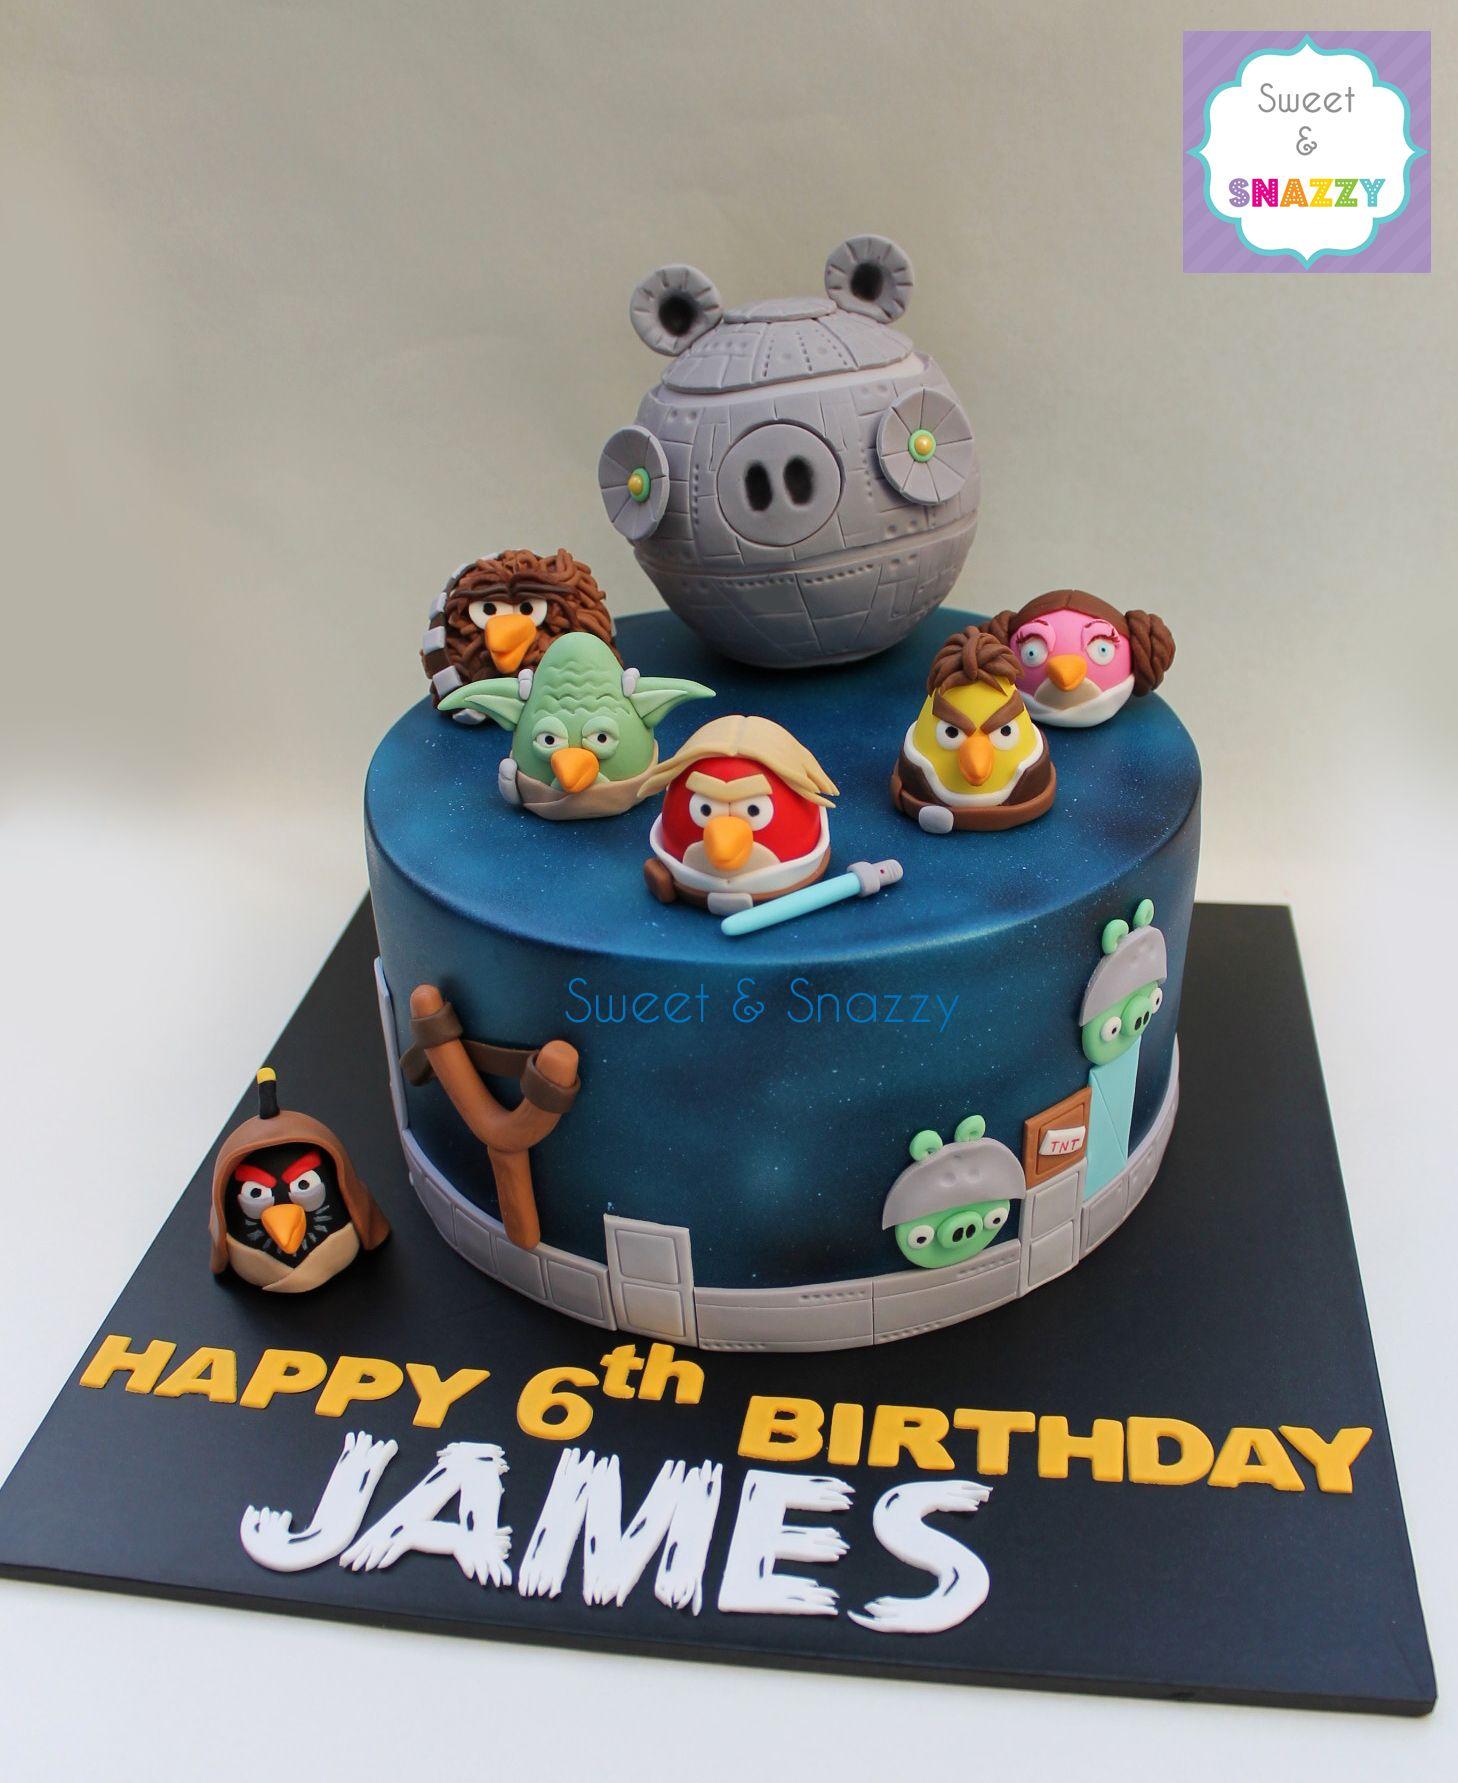 Pin By Phanita Primrose On Cake